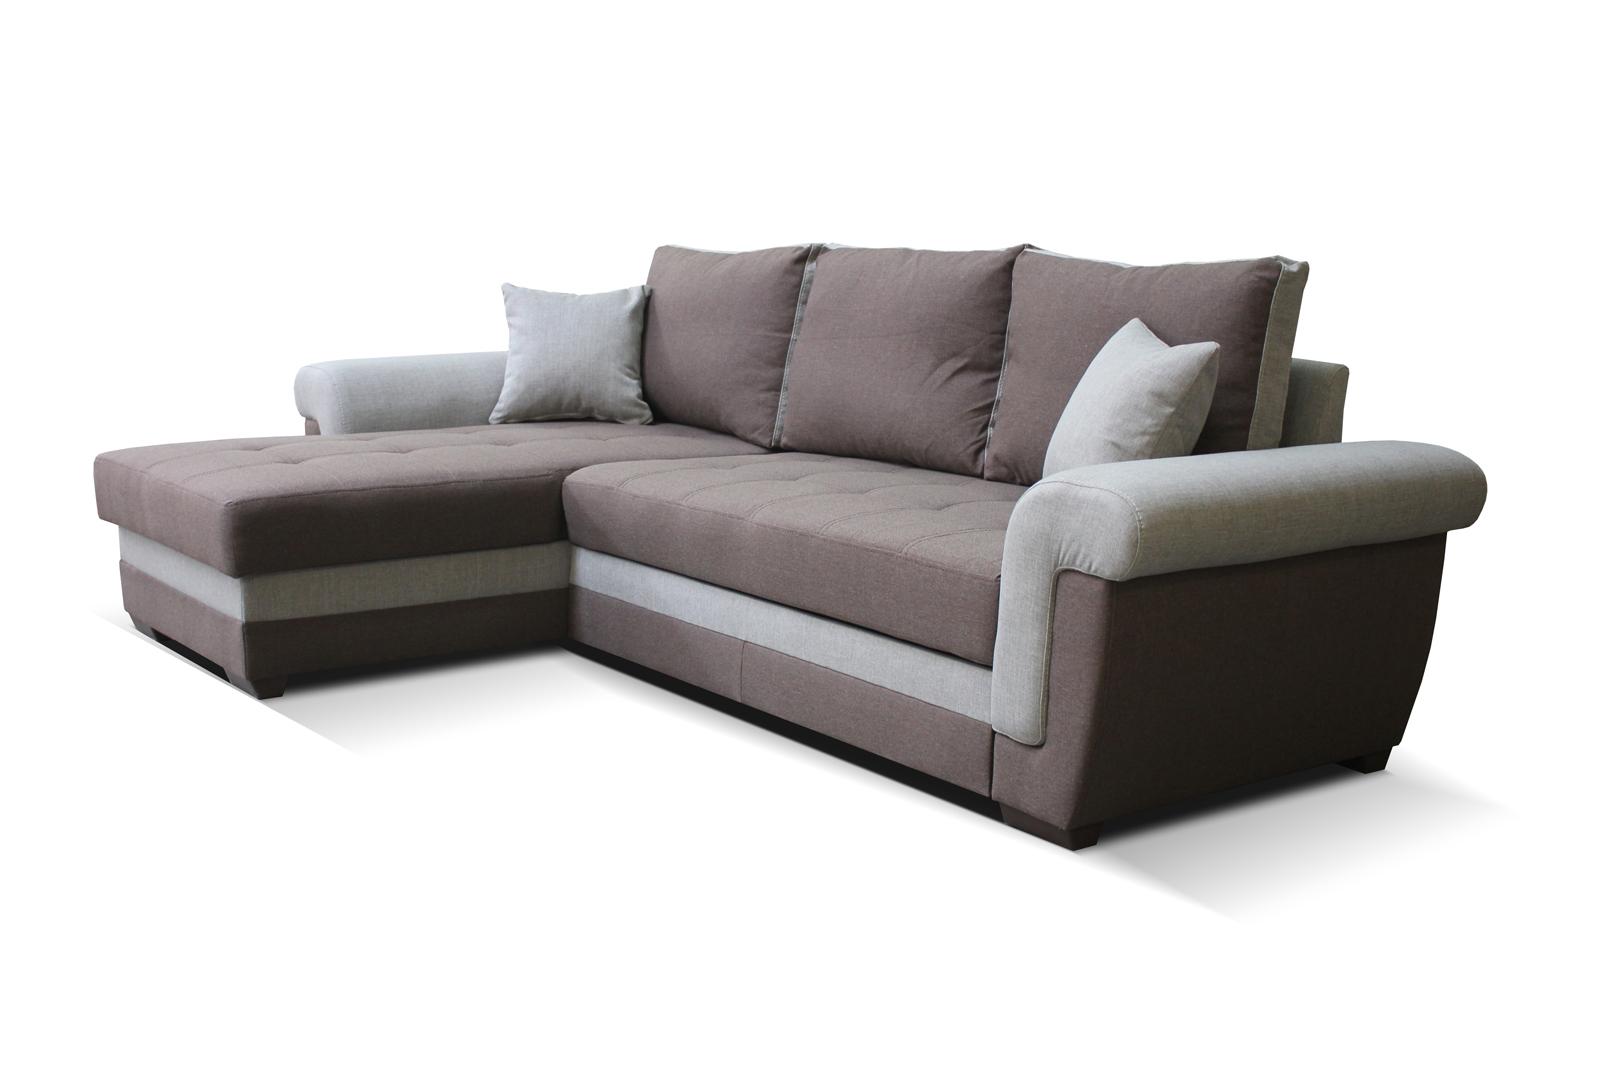 Rohová sedací souprava - Po-Sed - Rony L+2F (tmavohnědá + hnědá) (L)